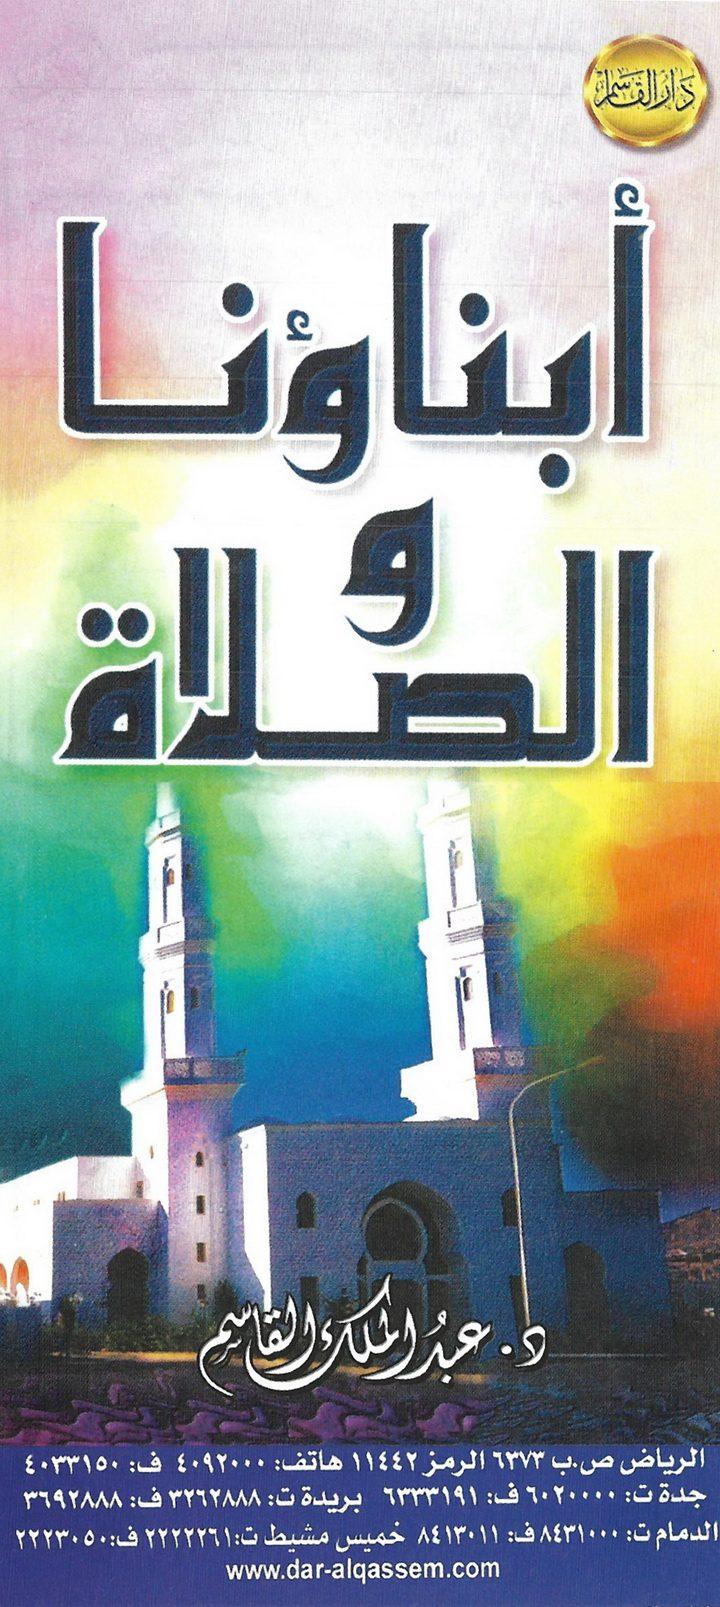 أبناؤنا والصلاة (عبد الملك القاسم – دار القاسم)